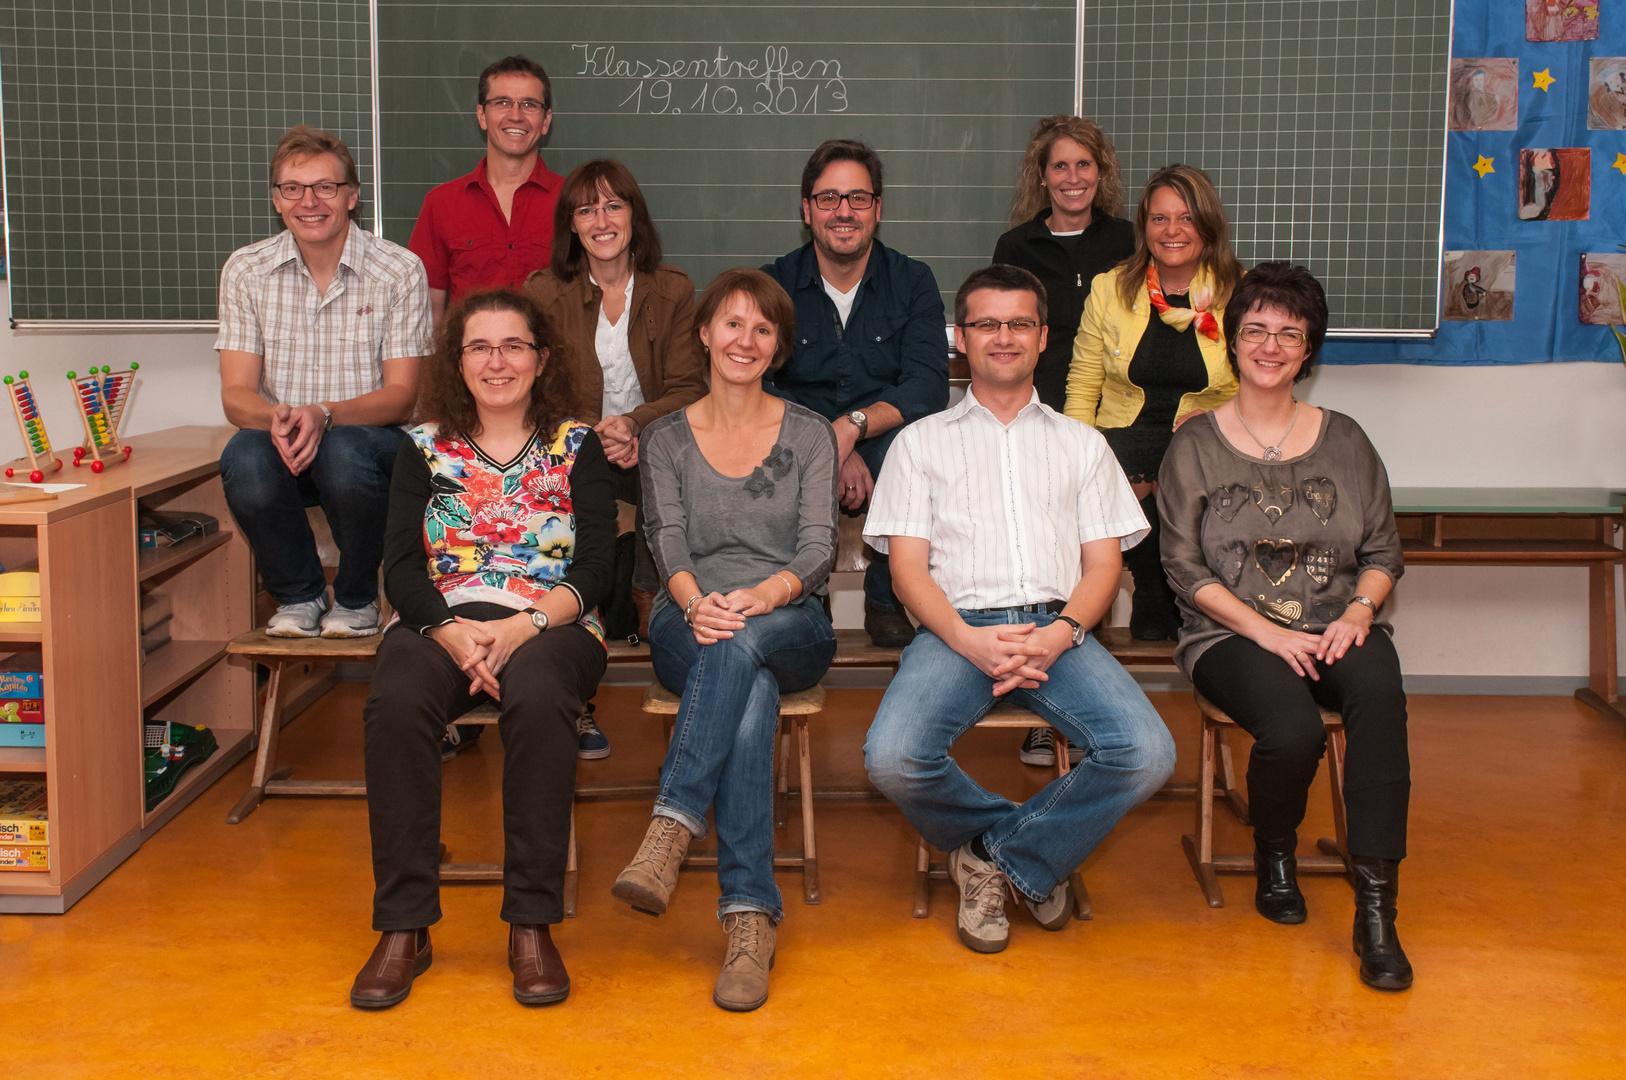 Klassentreffen_Mit_Lücke_01